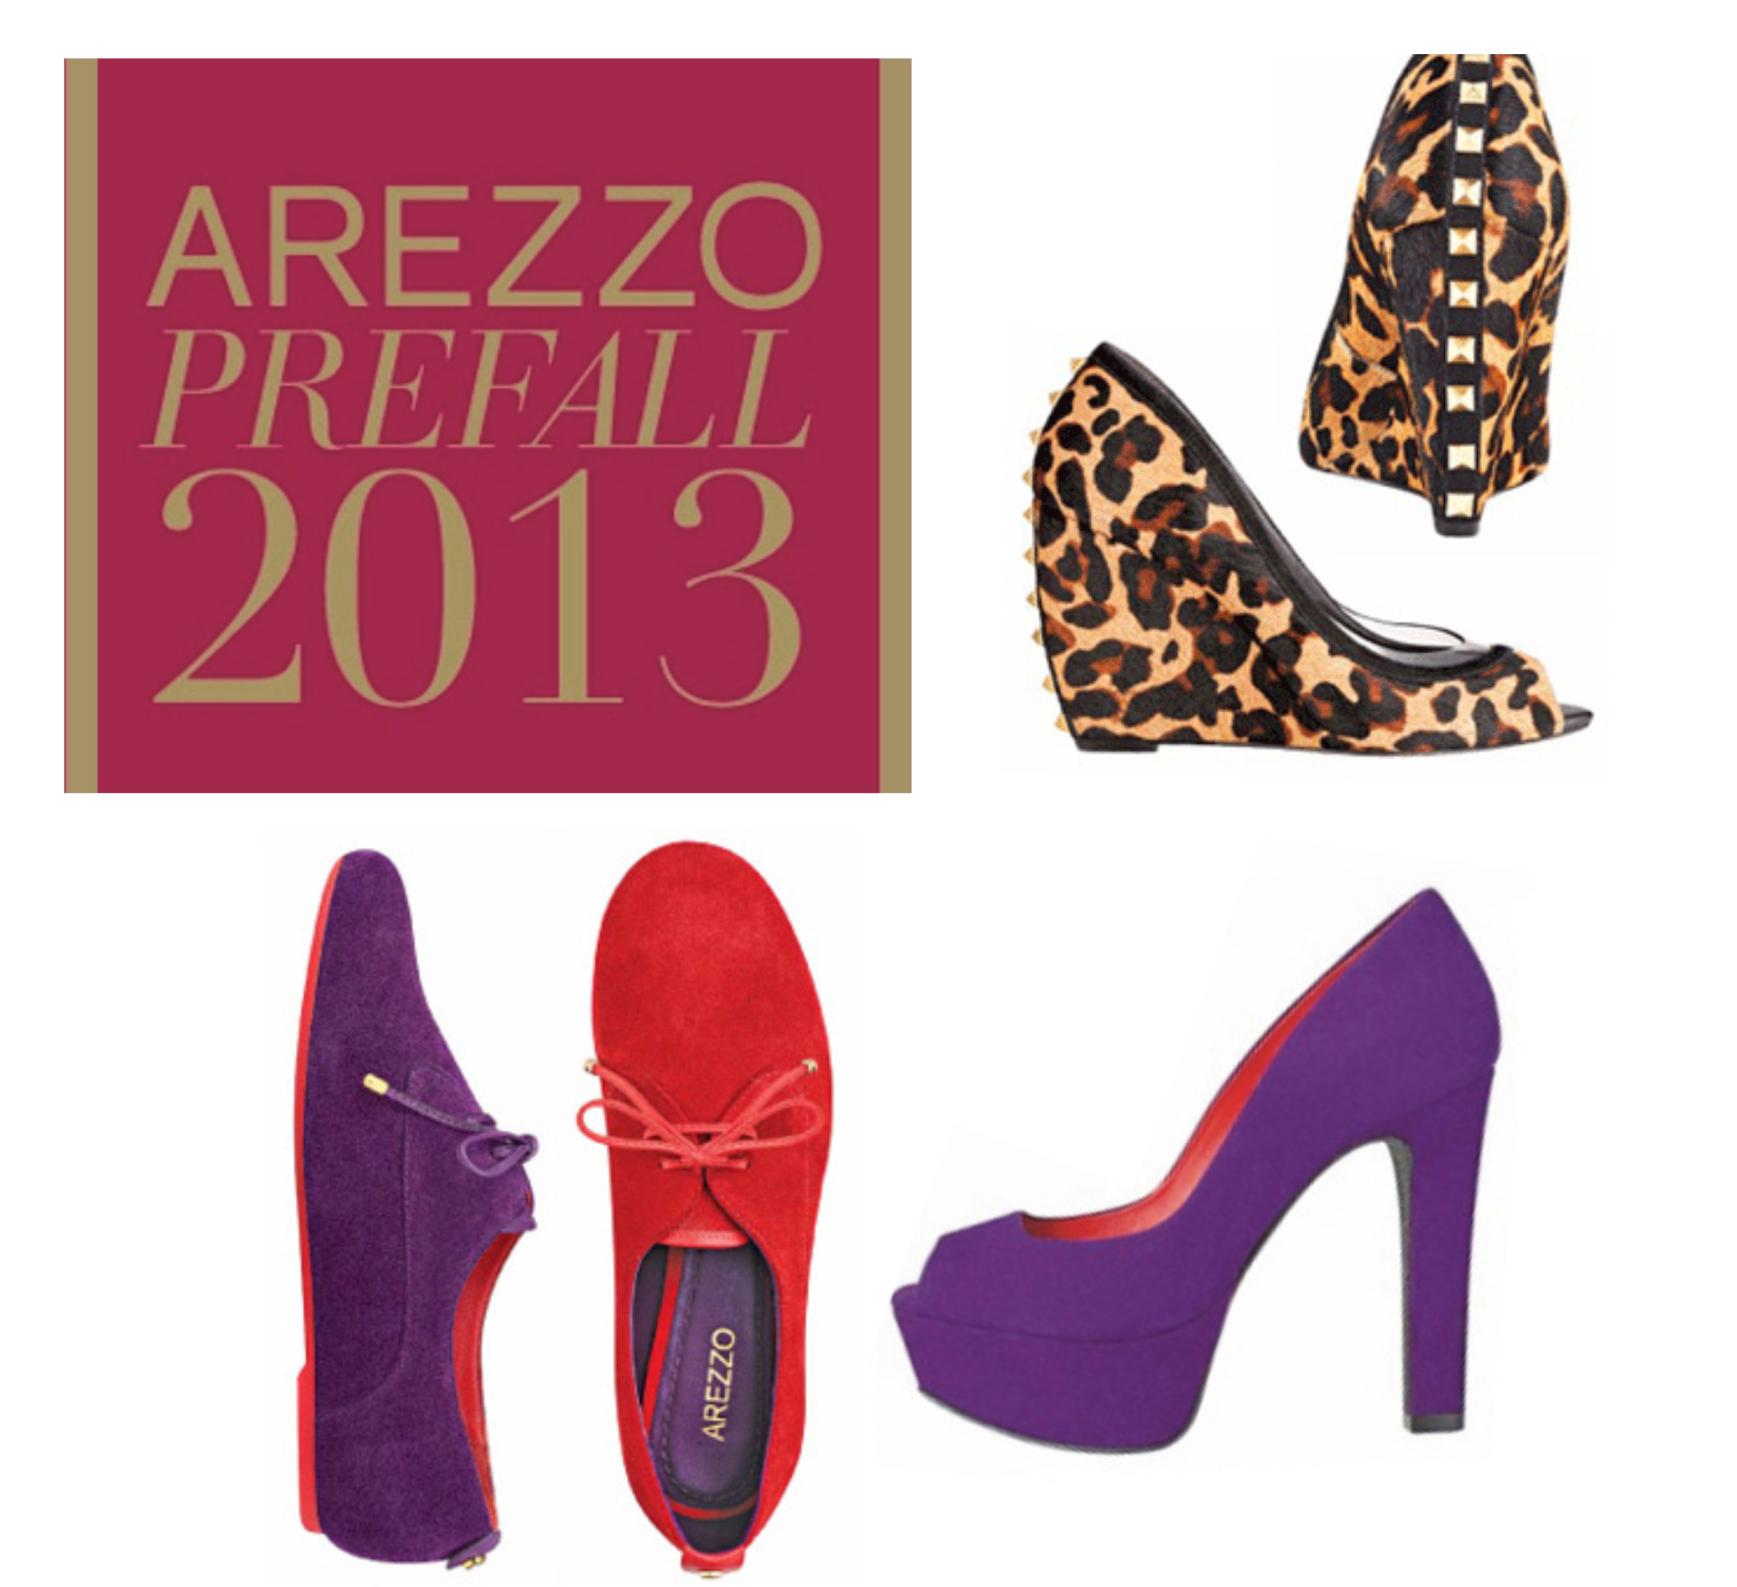 Arezzo Coleção de Calçados Inverno 2013 – Fotos, Modelos e Loja Virtual